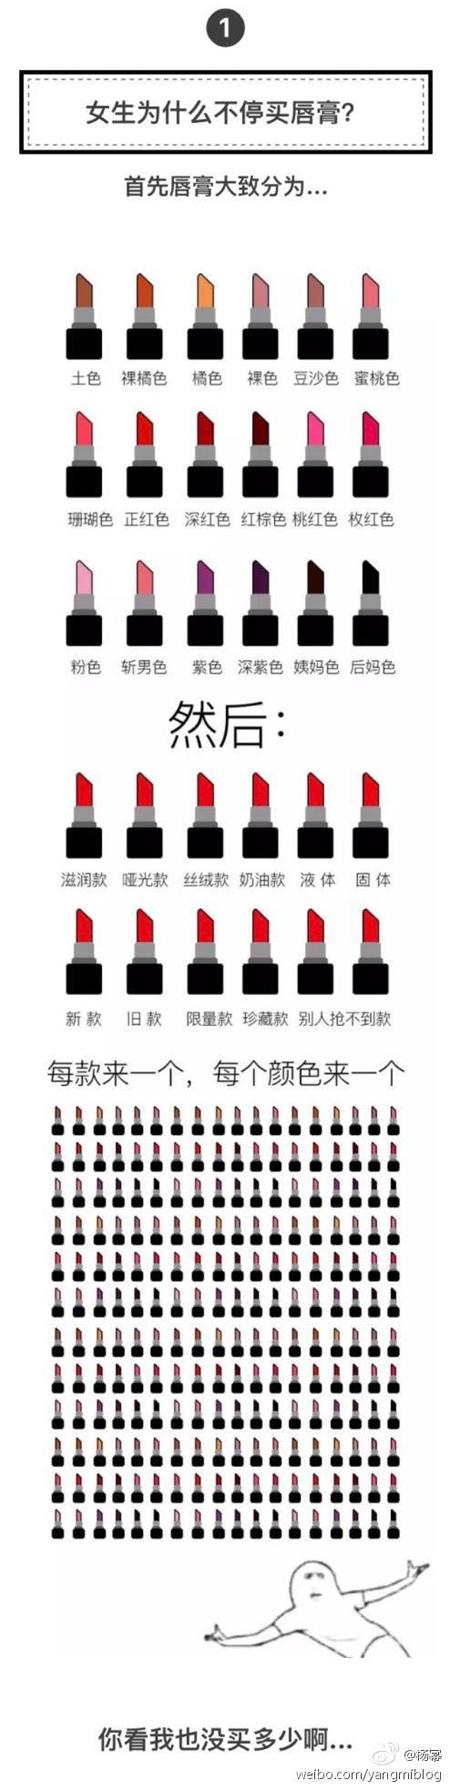 美妆品已进入私人订制时代!再不知道就晚啦! 私人订制,限量,美妆品,定制唇膏,定制粉底,BITE,BEAUTY,LANCOME